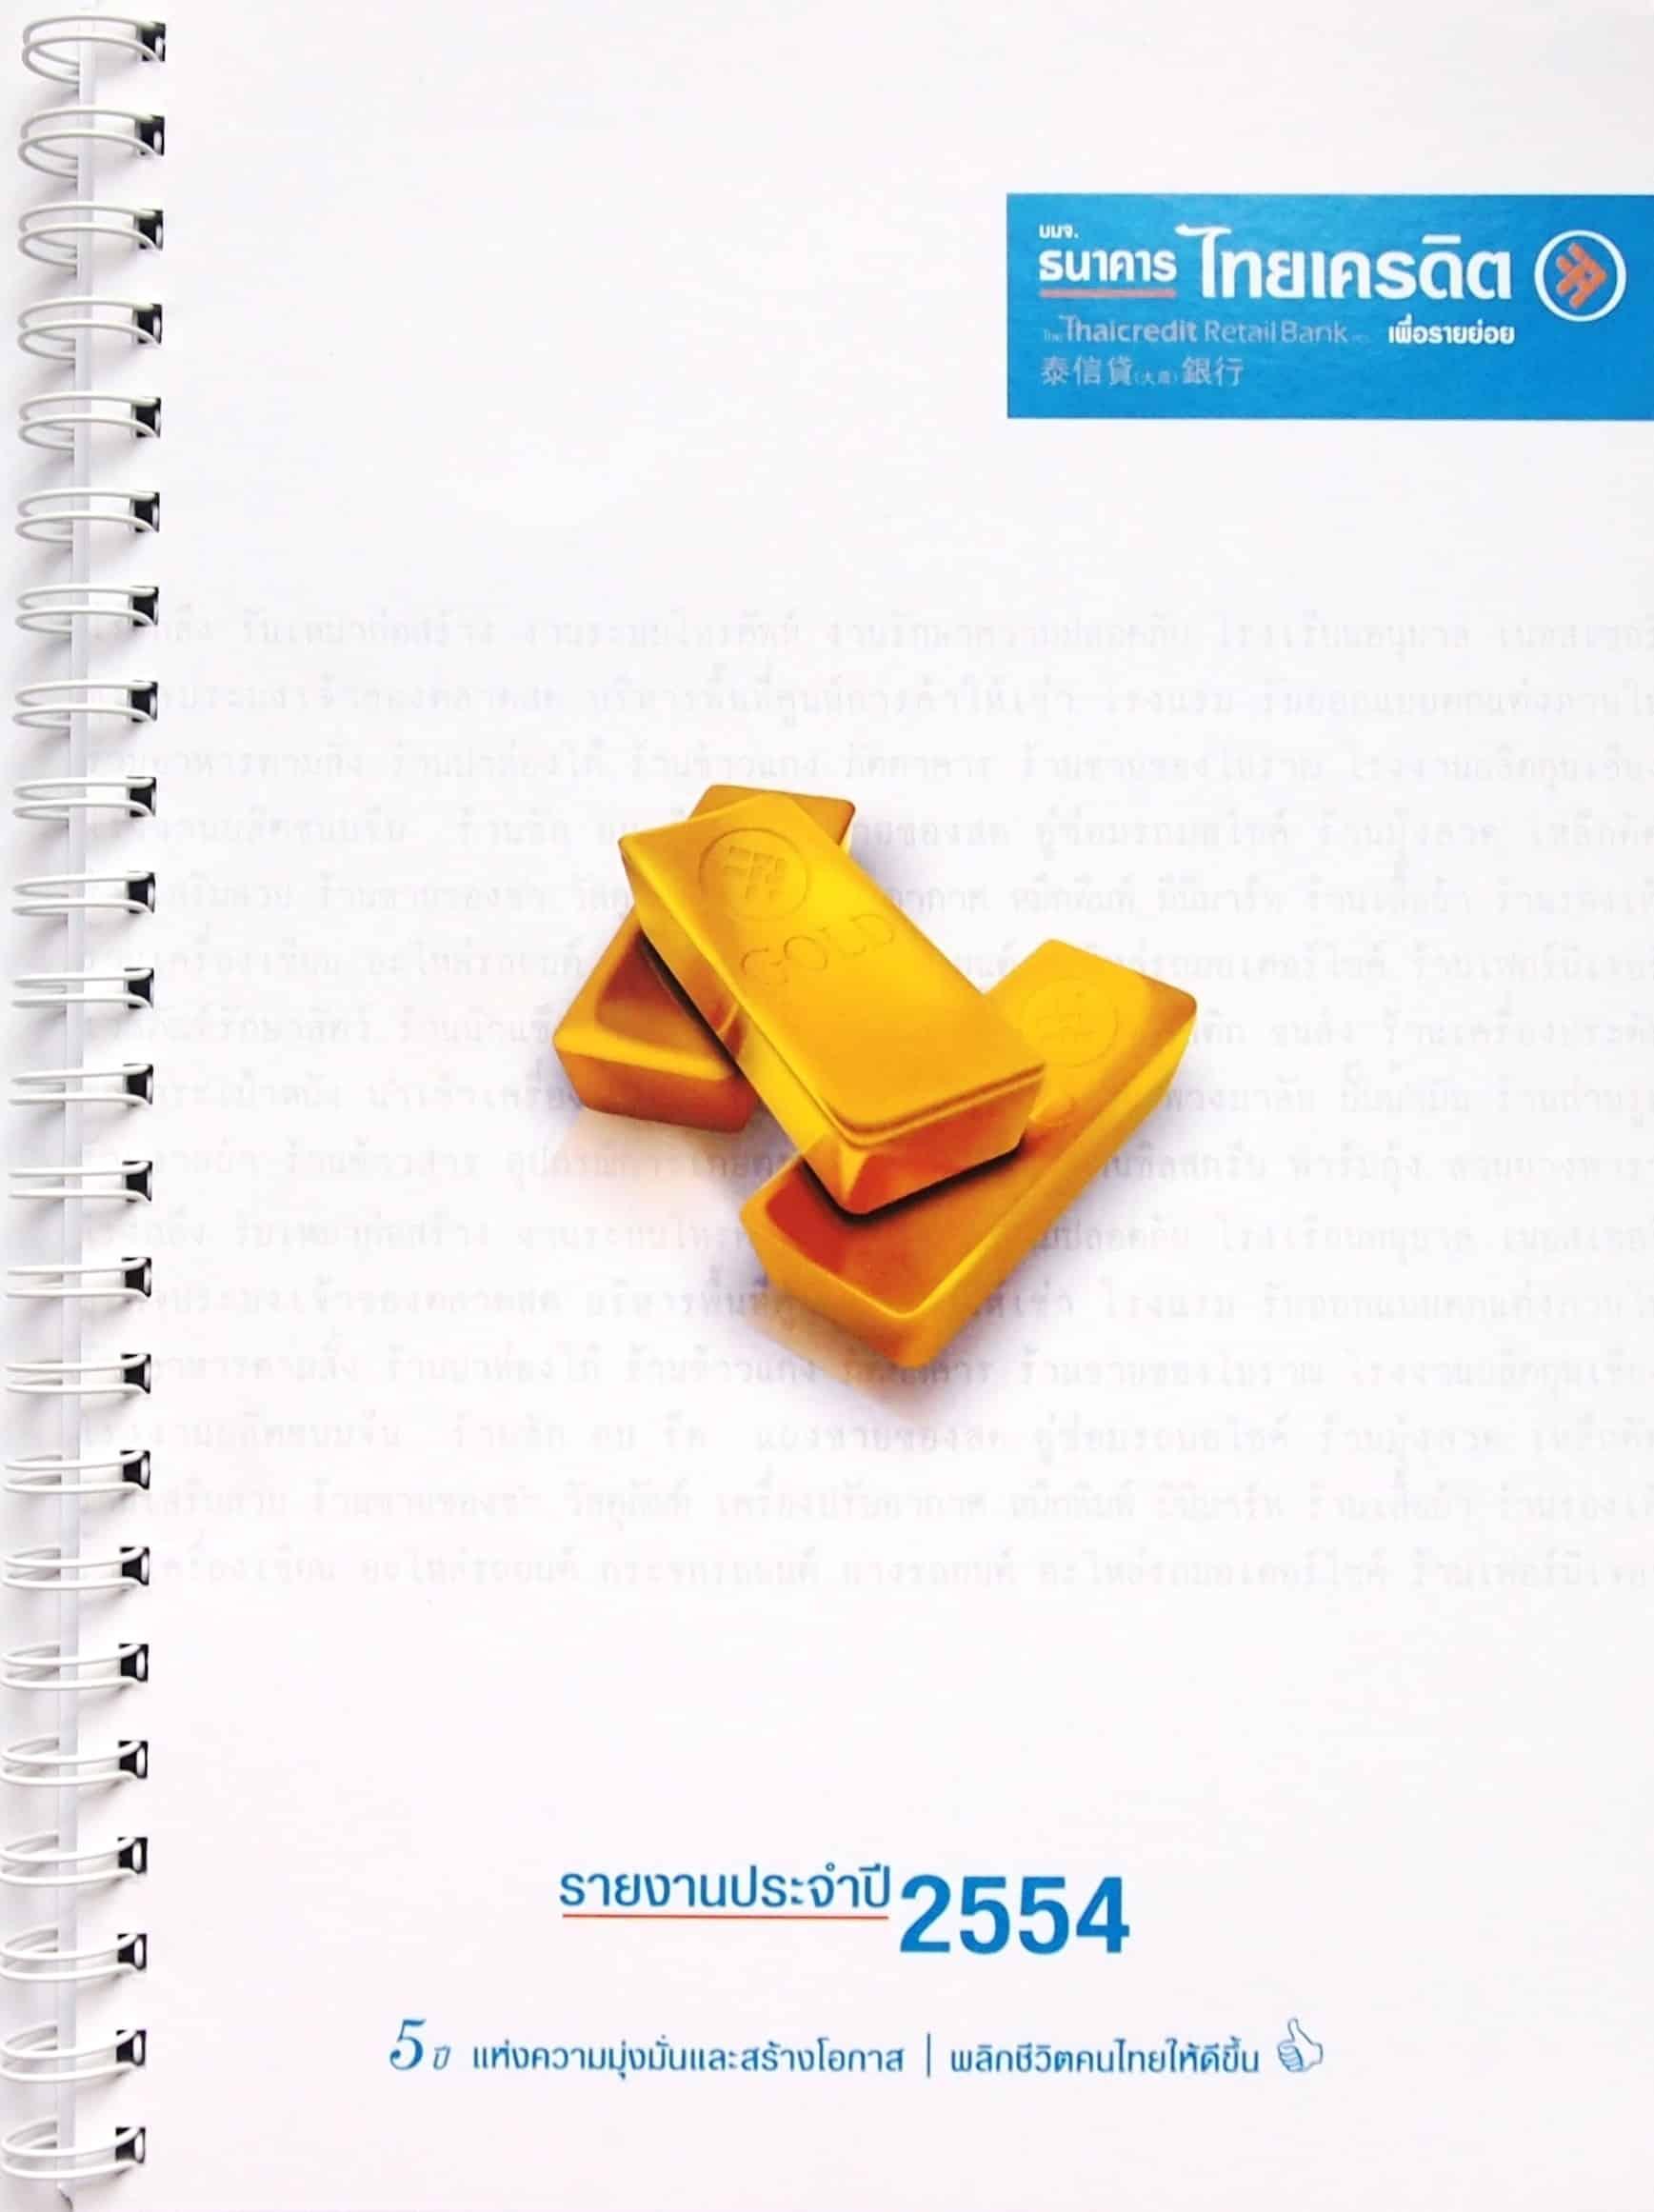 รูป Annual Reort1 - ประกอบเนื้อหา รายงานประจำปี